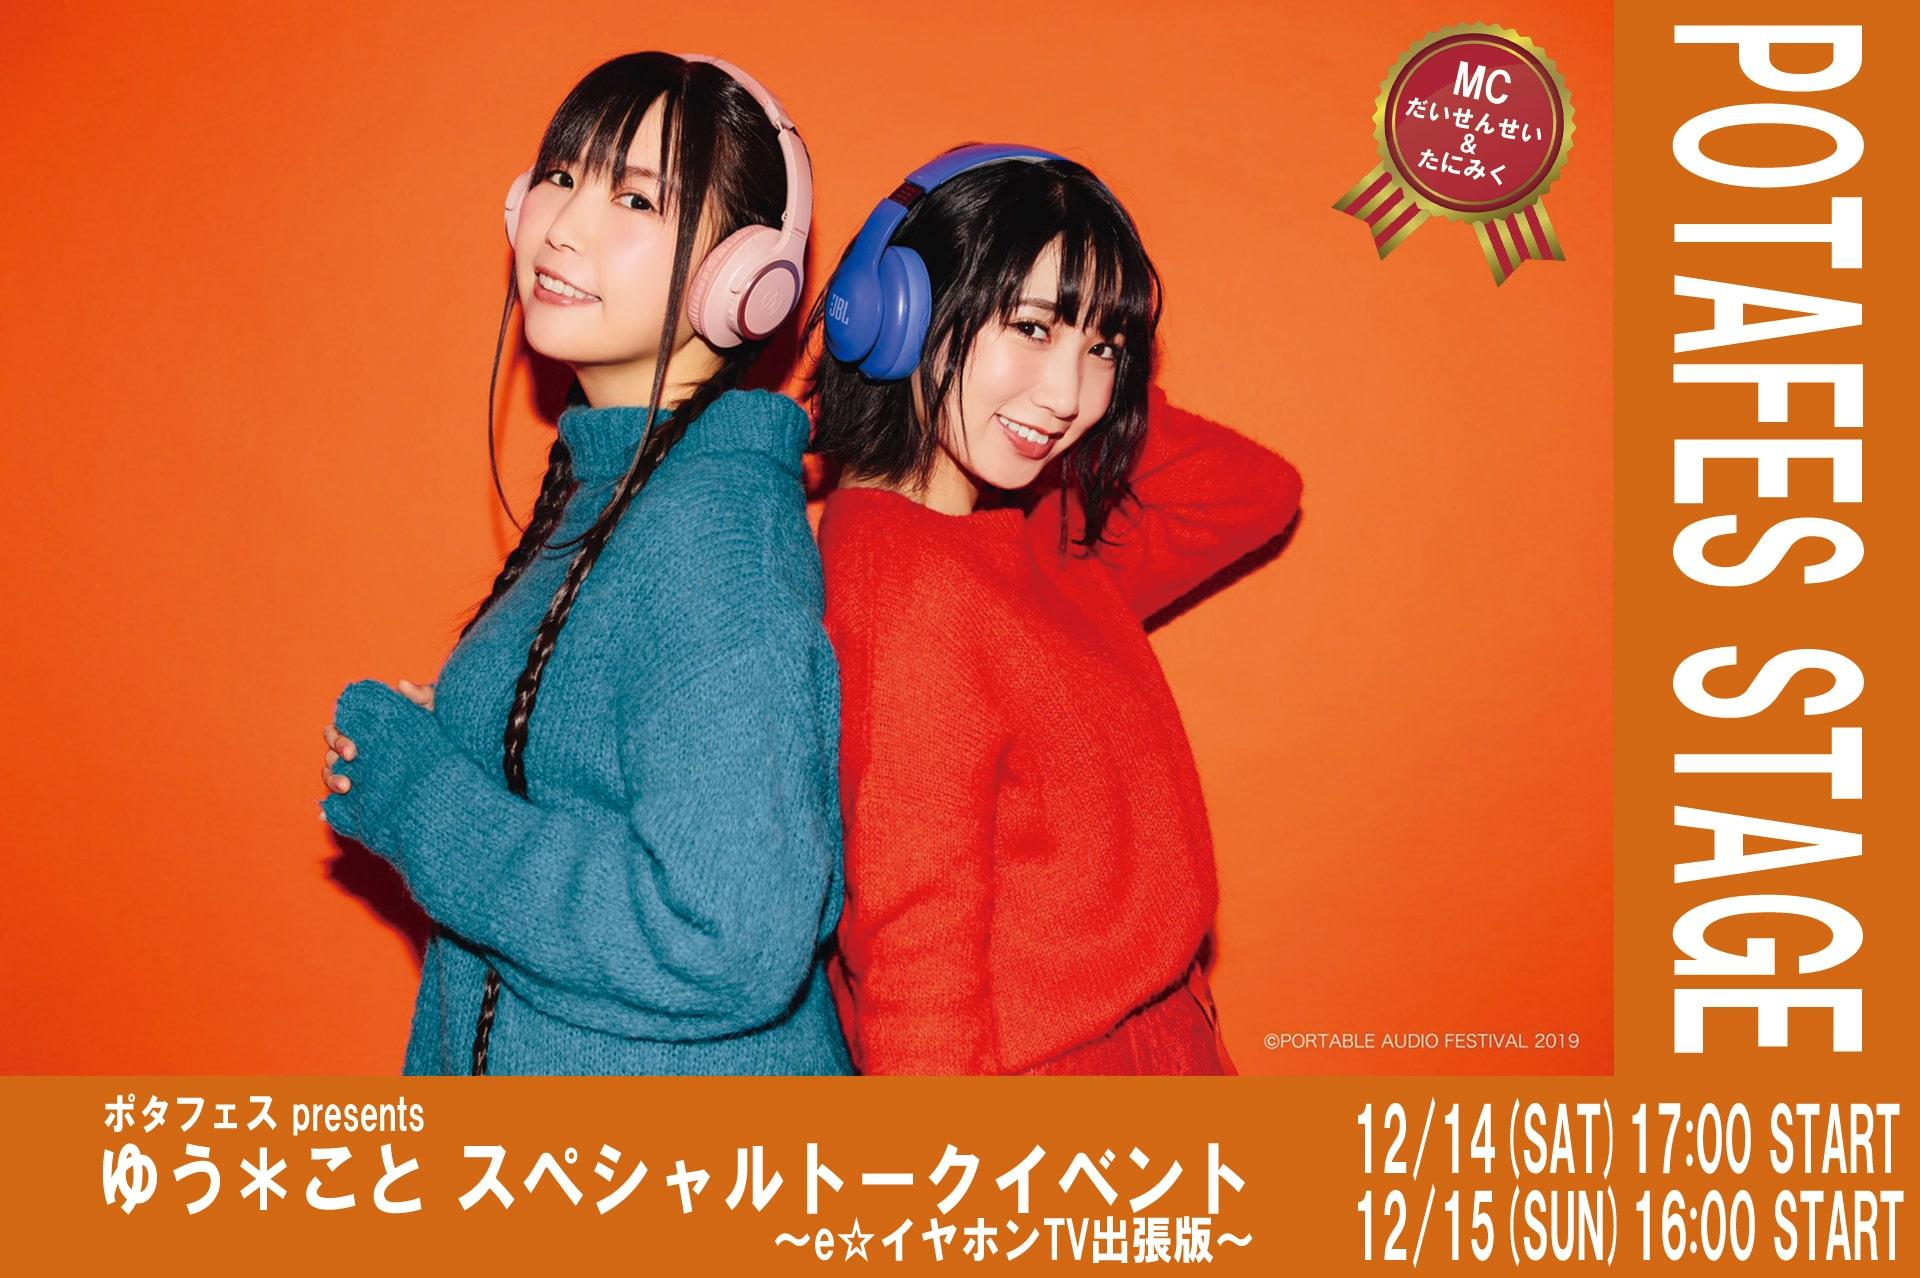 ポタフェス presents ゆう*こと スペシャルトークイベント〜e☆イヤホンTV出張版〜